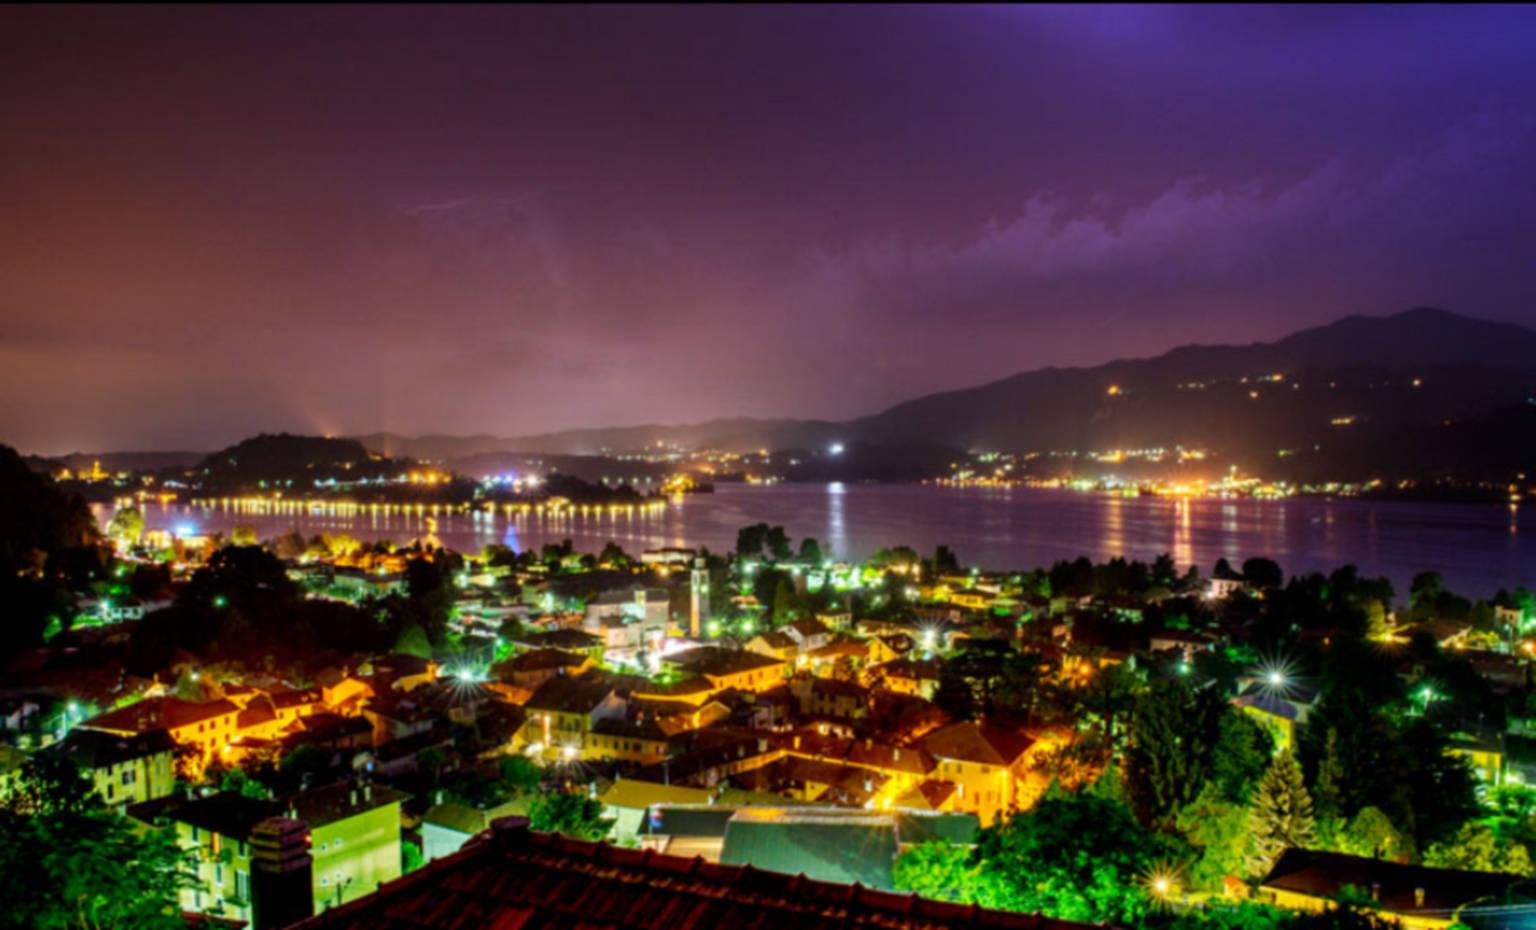 A view of a city at night at B&B Il Barsot.